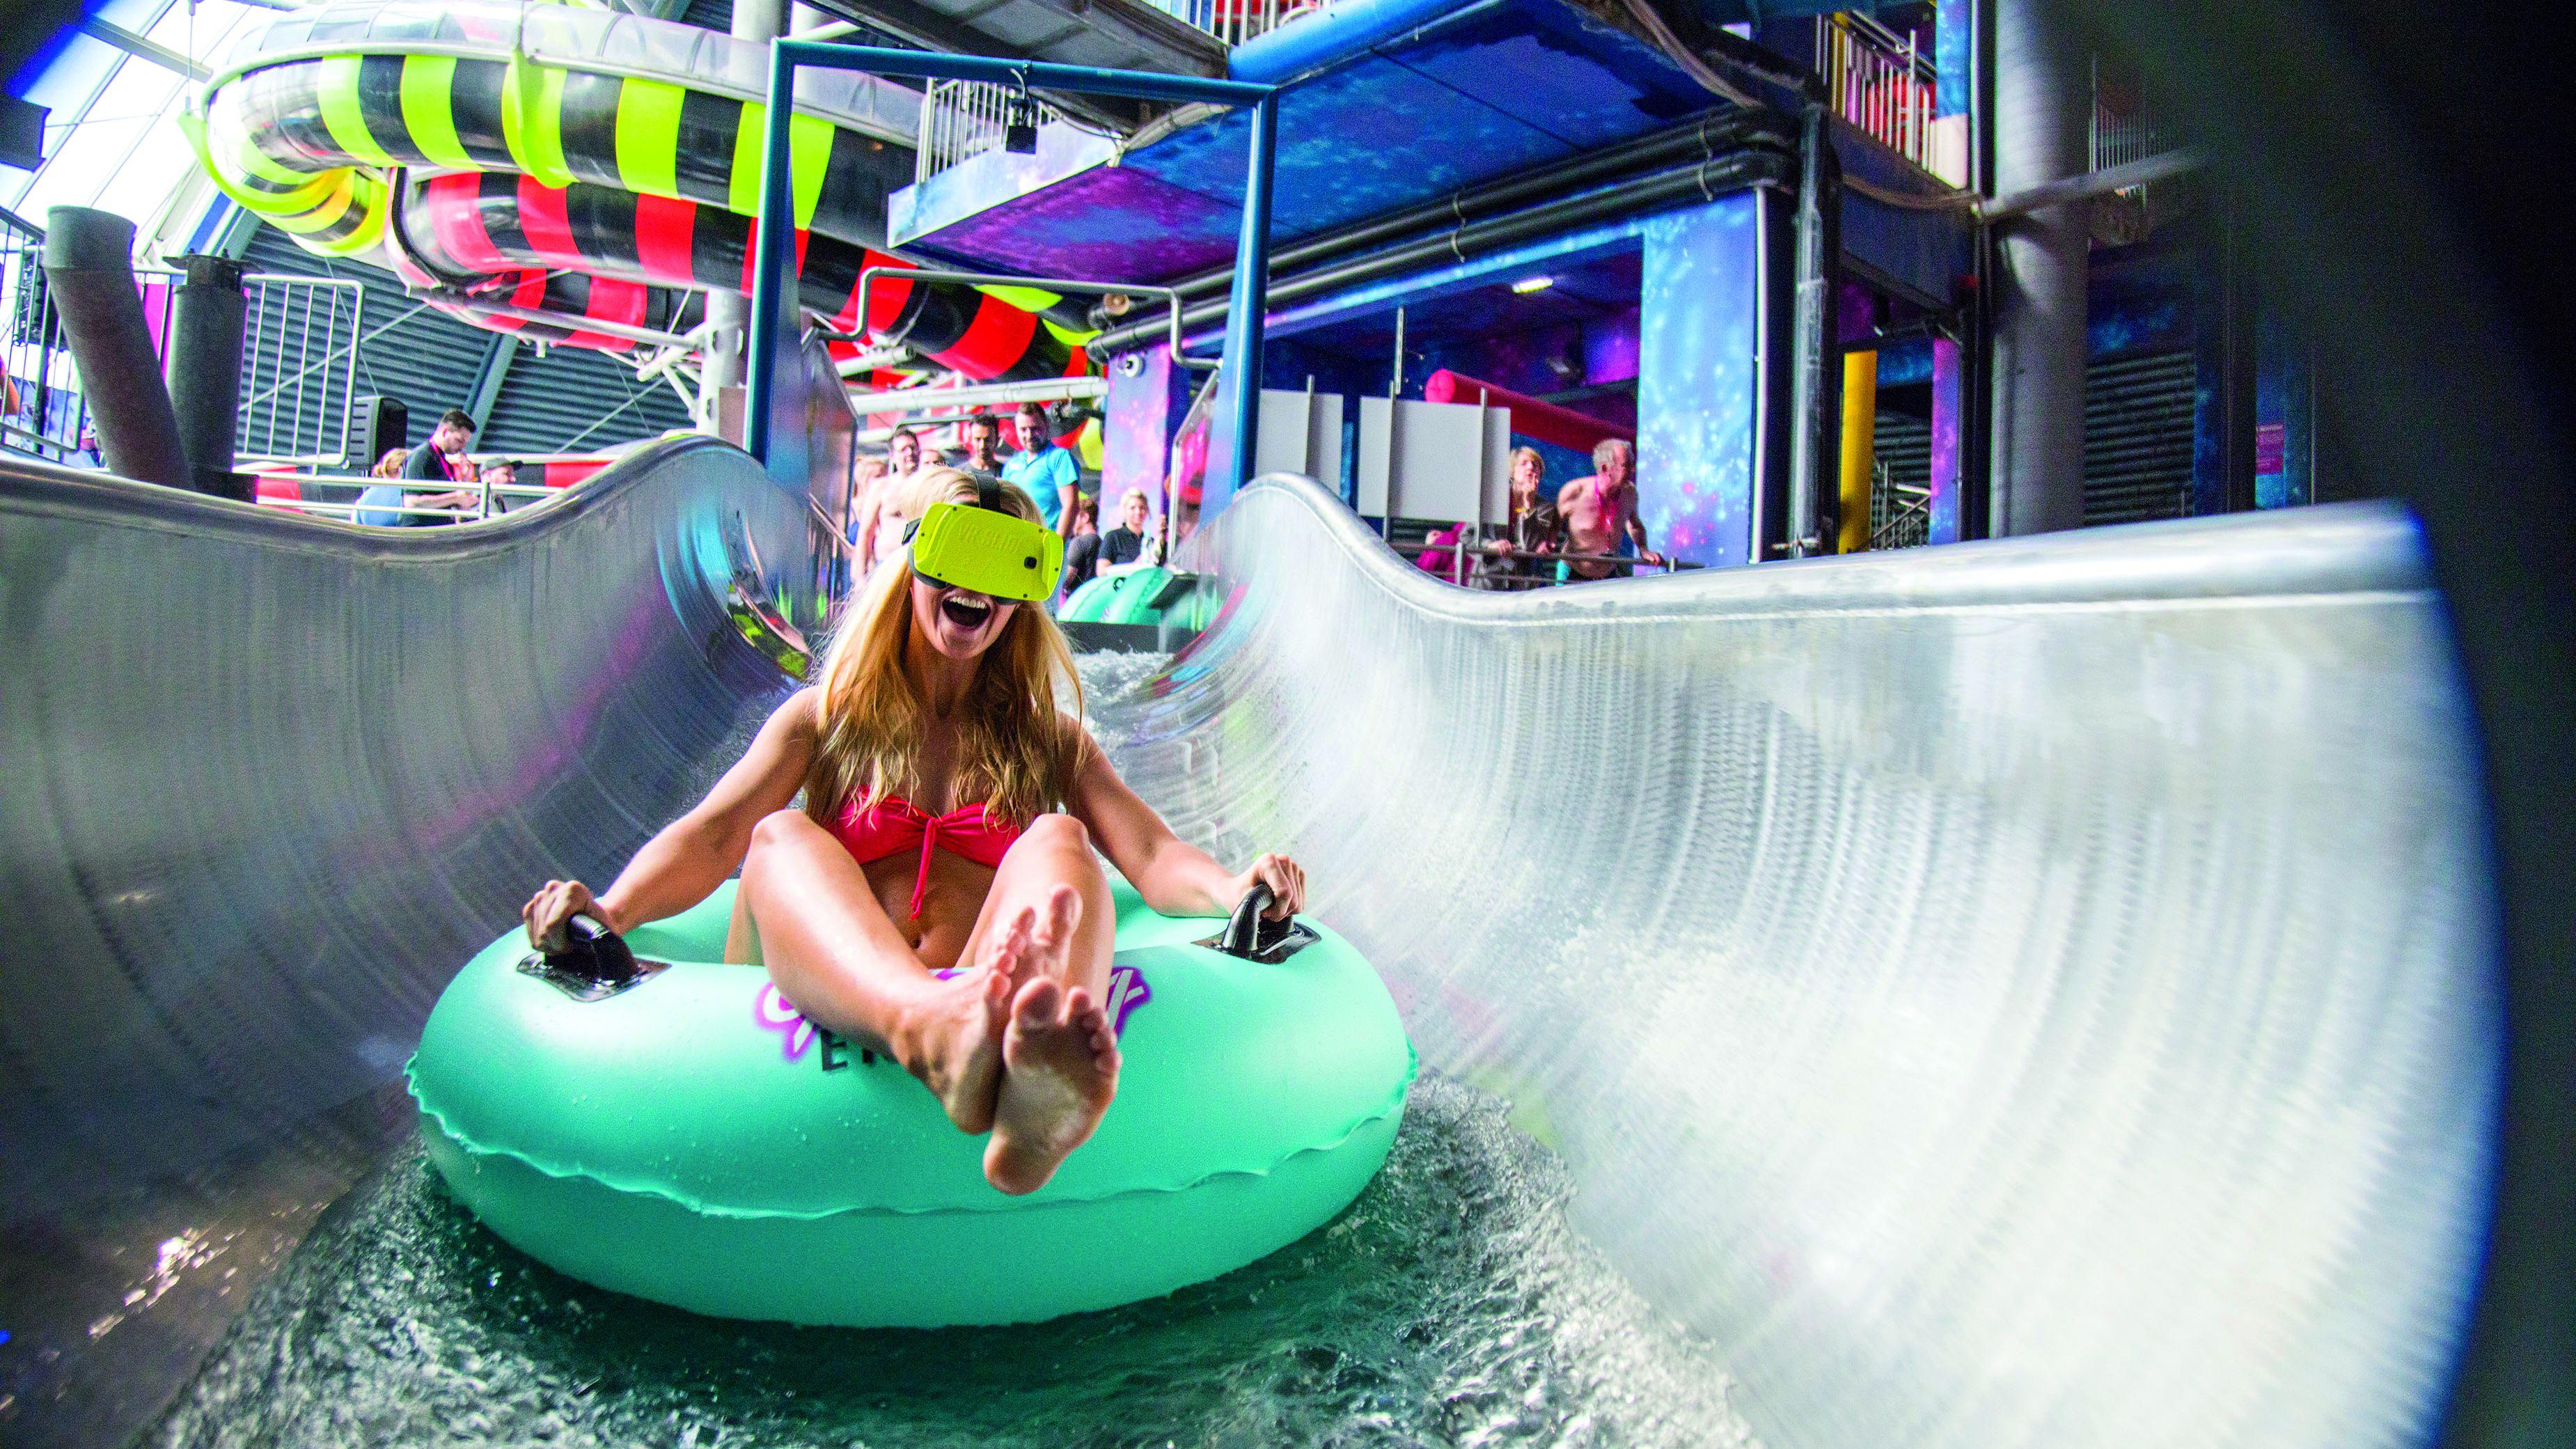 盛り上がり欠けるVR市場、 遊園地やゲーセンでは 「高くても人気」の理由